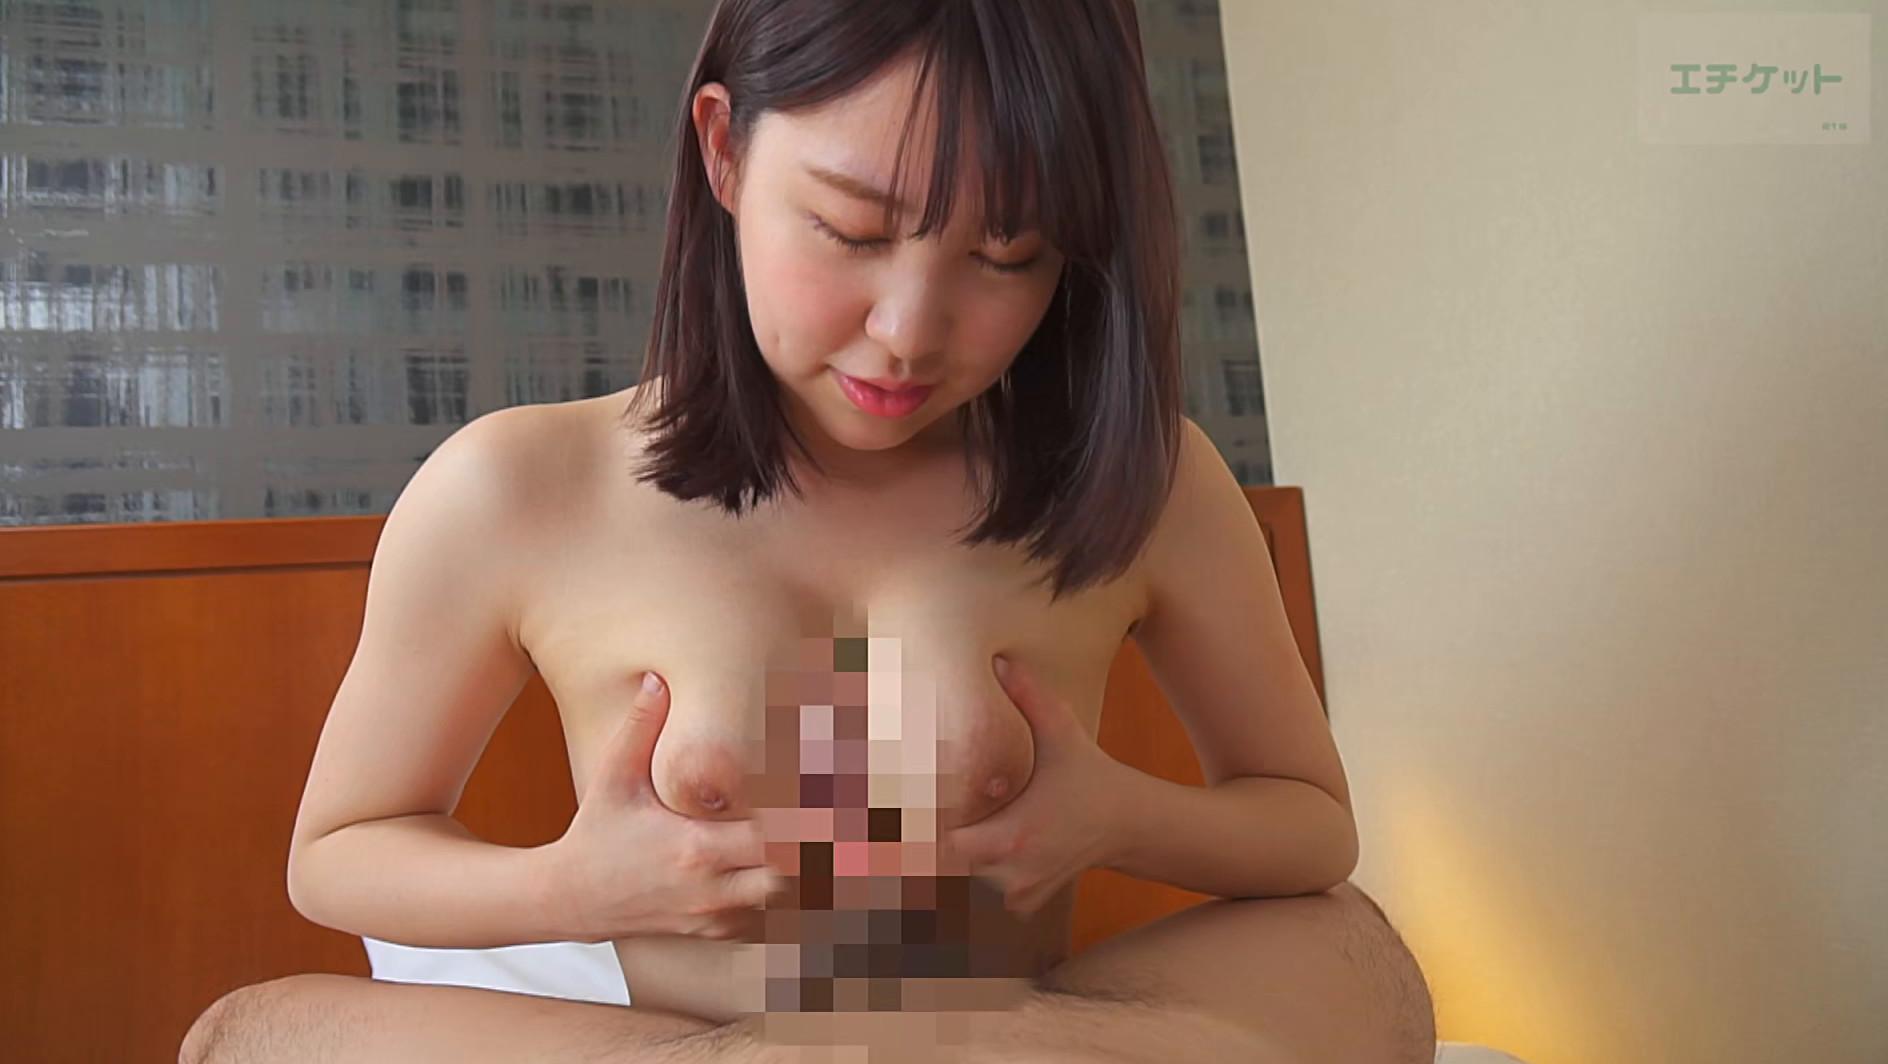 彼氏が欲しい看護学生は超美巨乳の持ち主 みなみ21歳 画像15